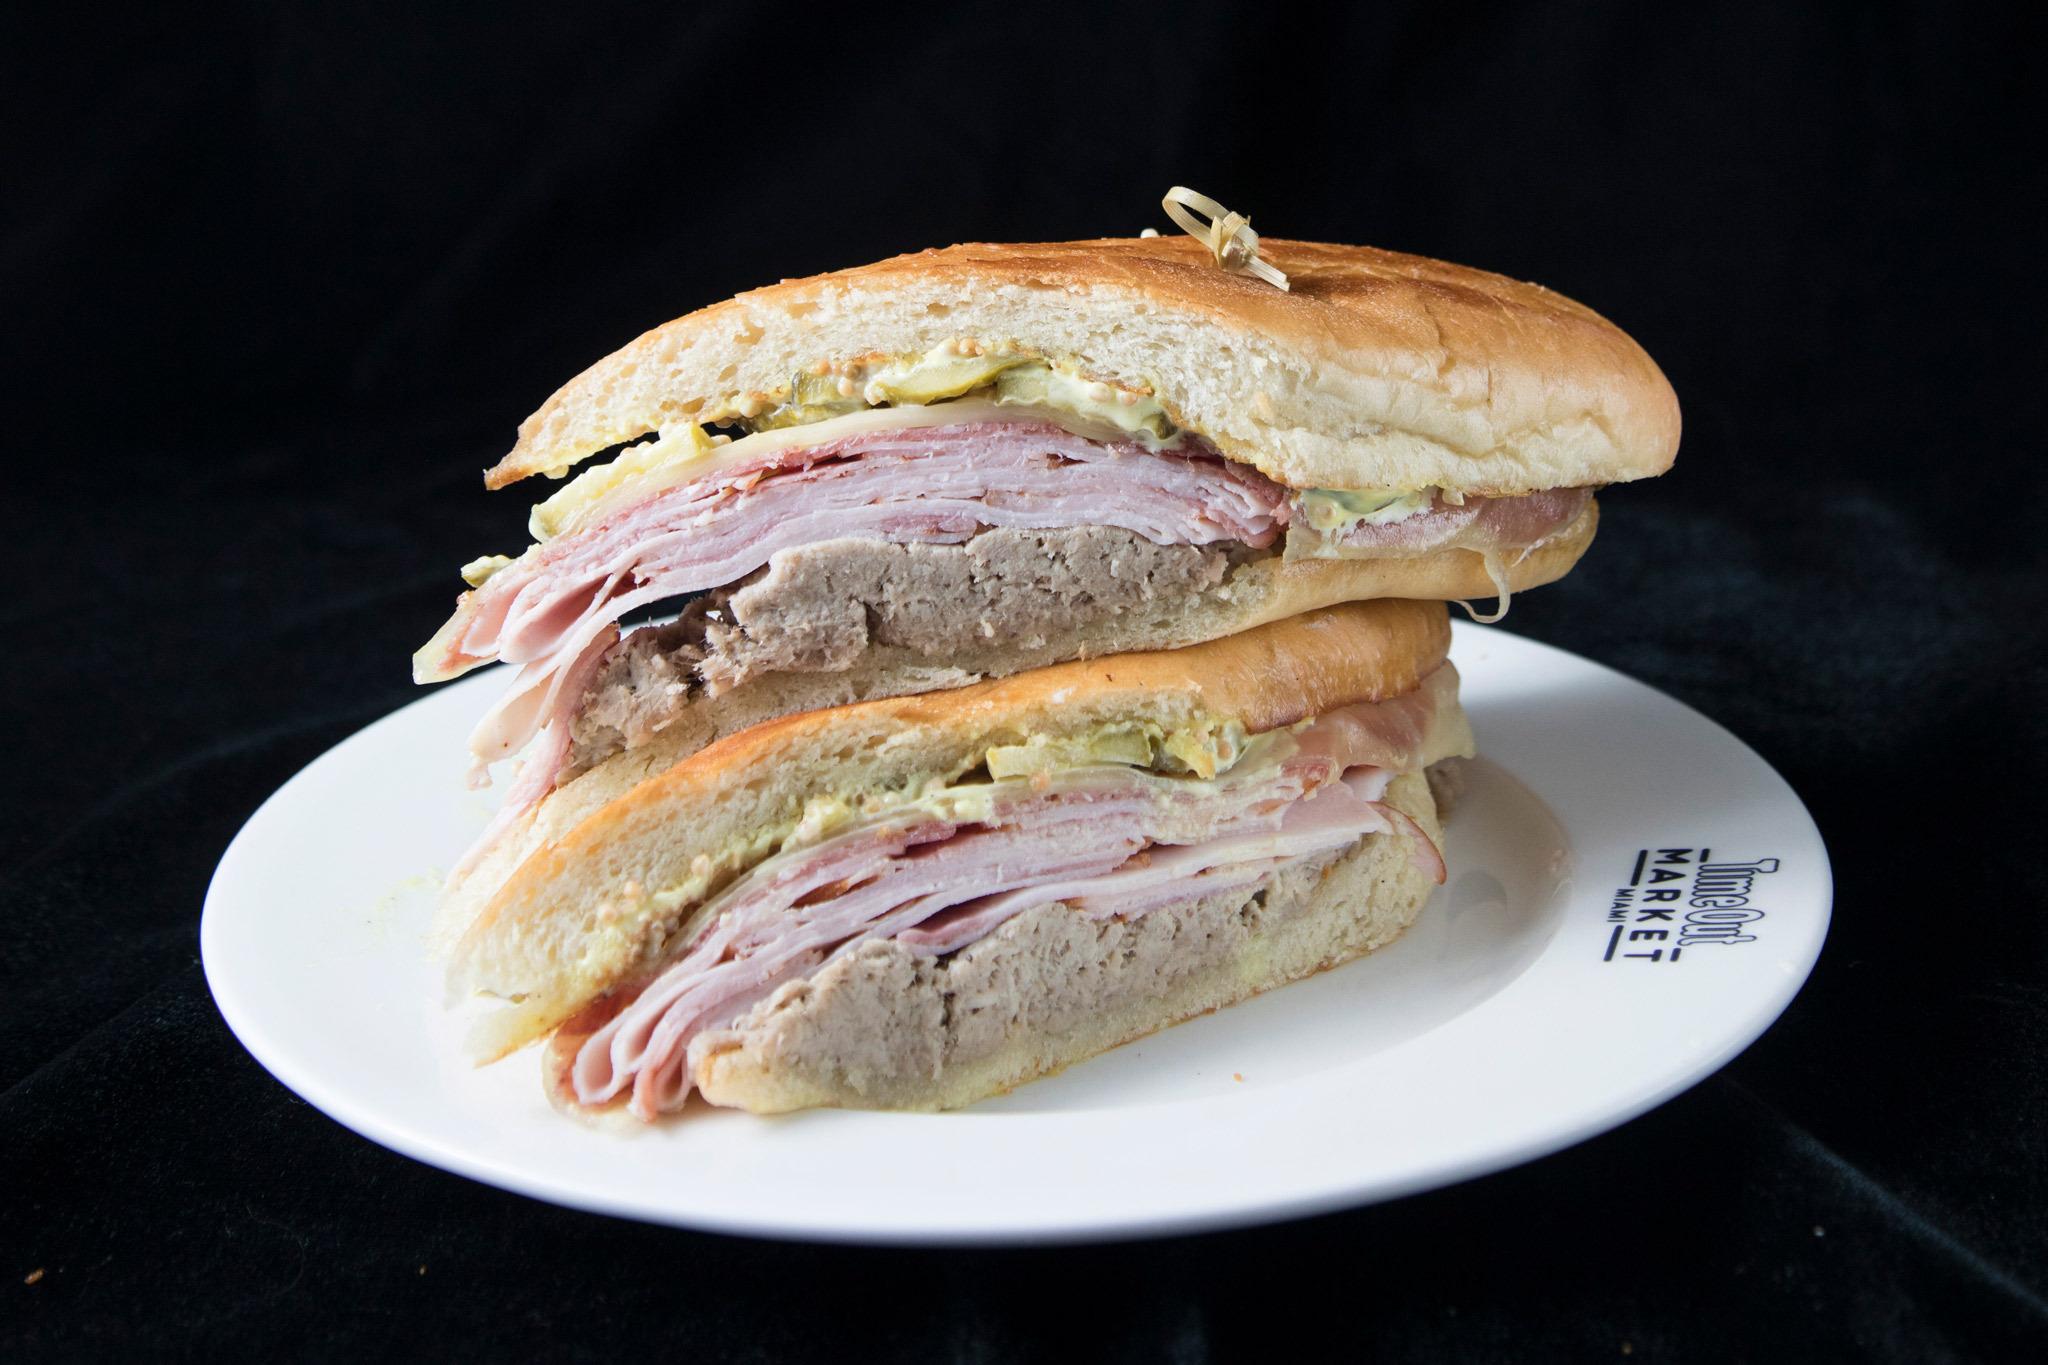 Cuban sandwich at the Local Cuban